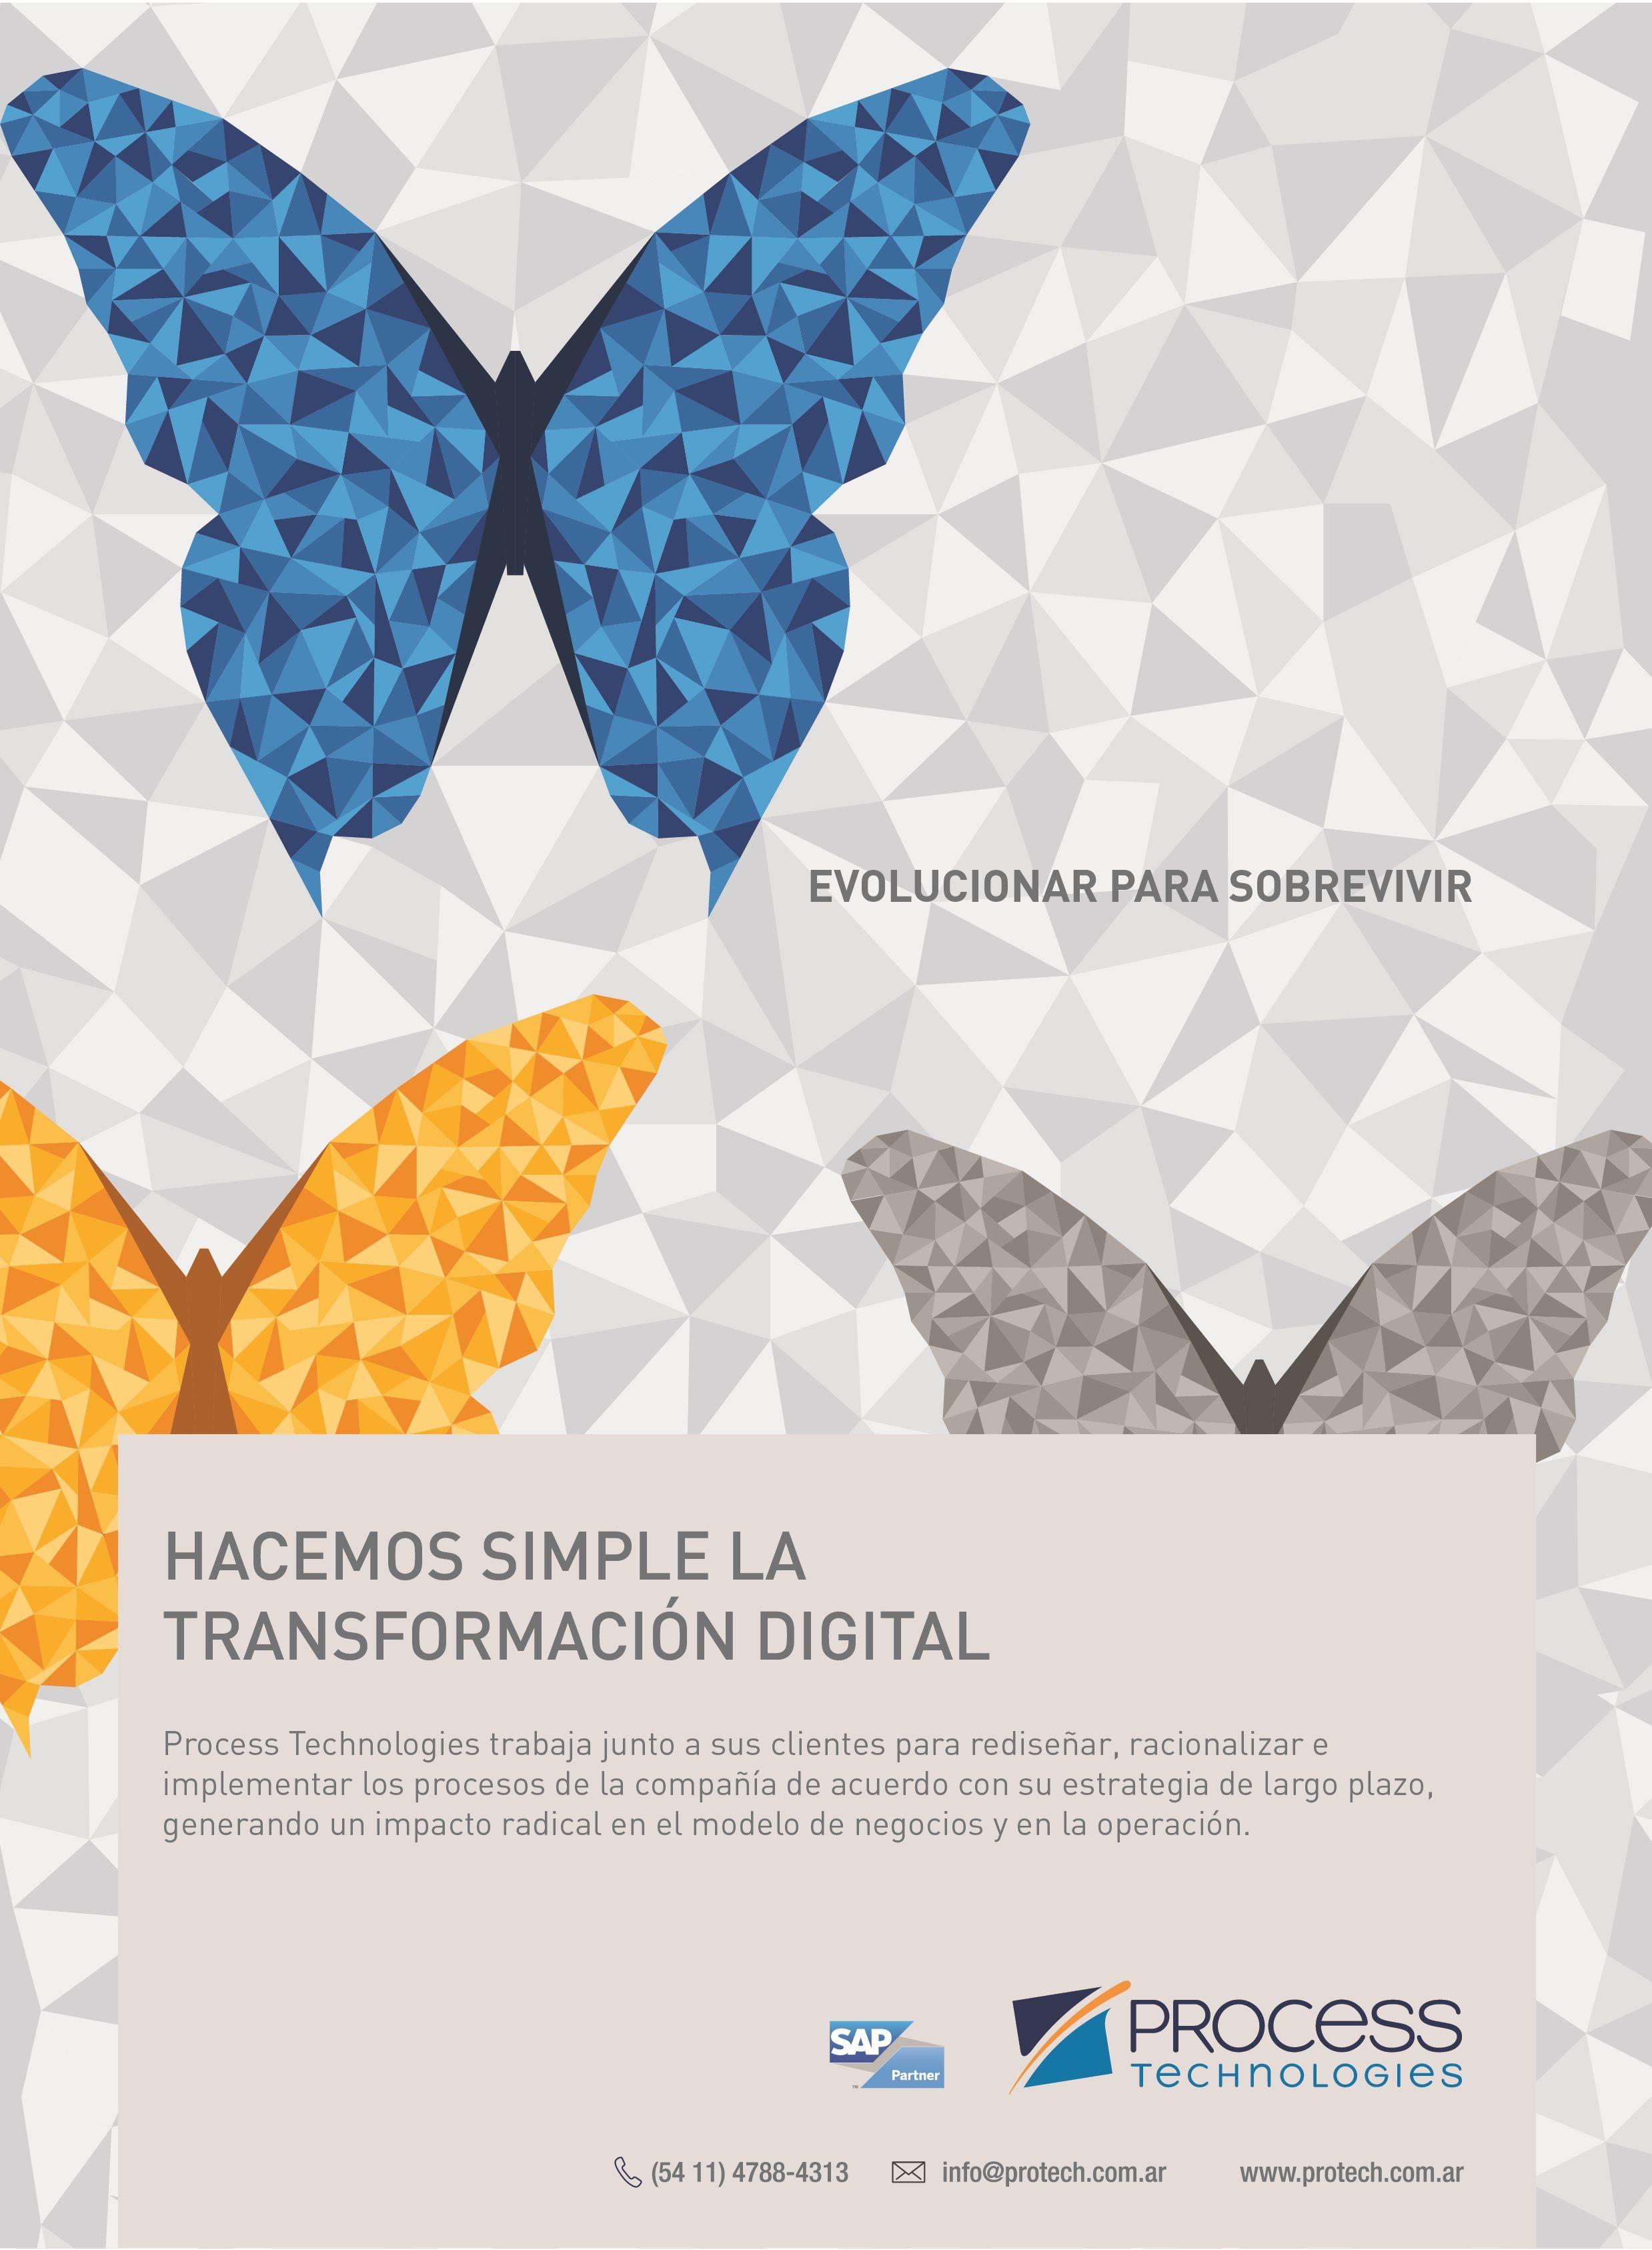 Transformación digital de Process Technologies